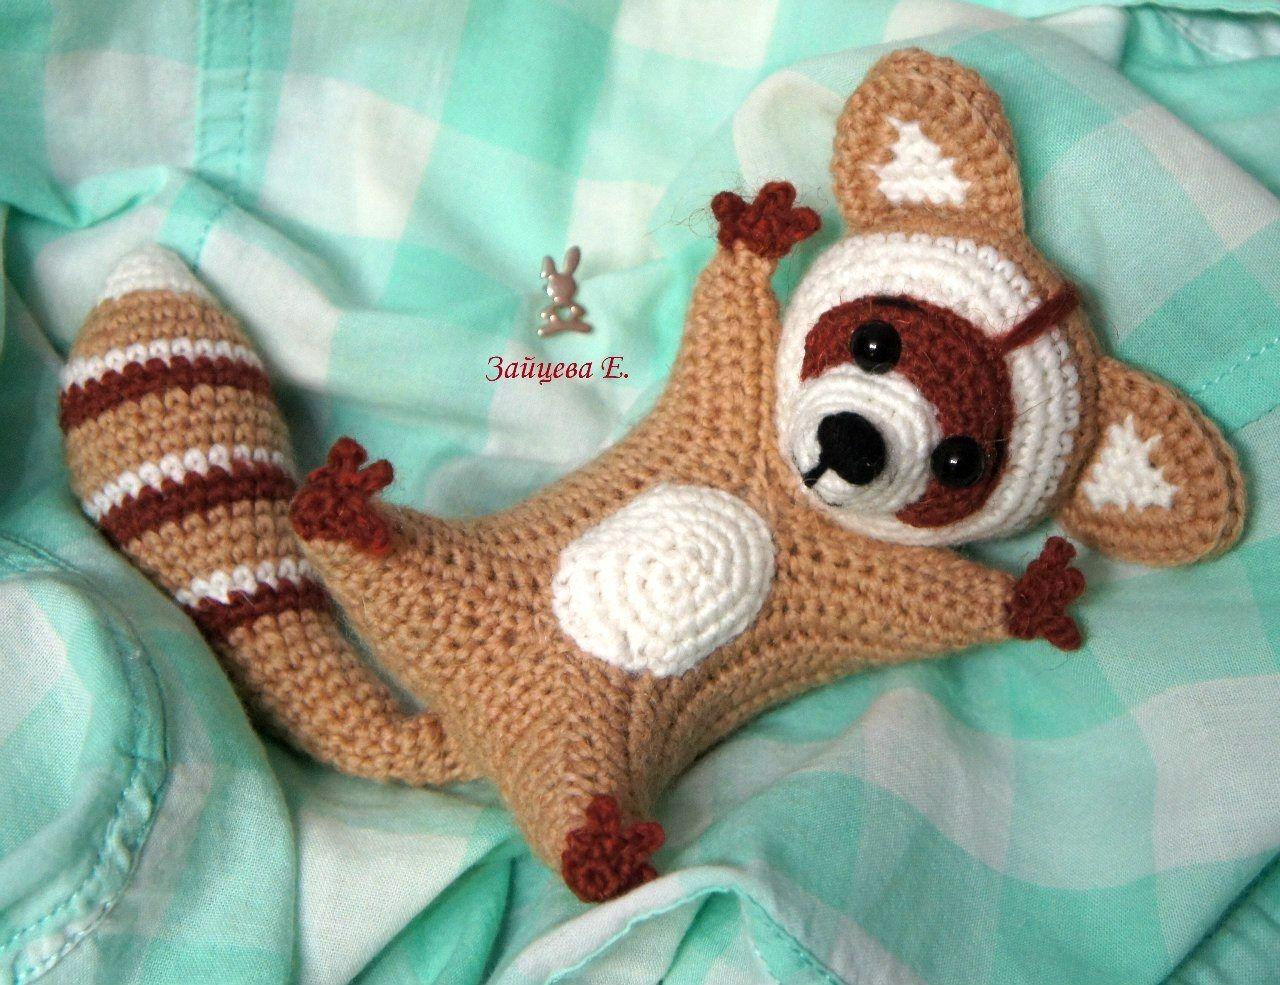 Amigurumi Raccoon Pattern Free : procione amigurumi descrizione uncinetto giocattoli ...